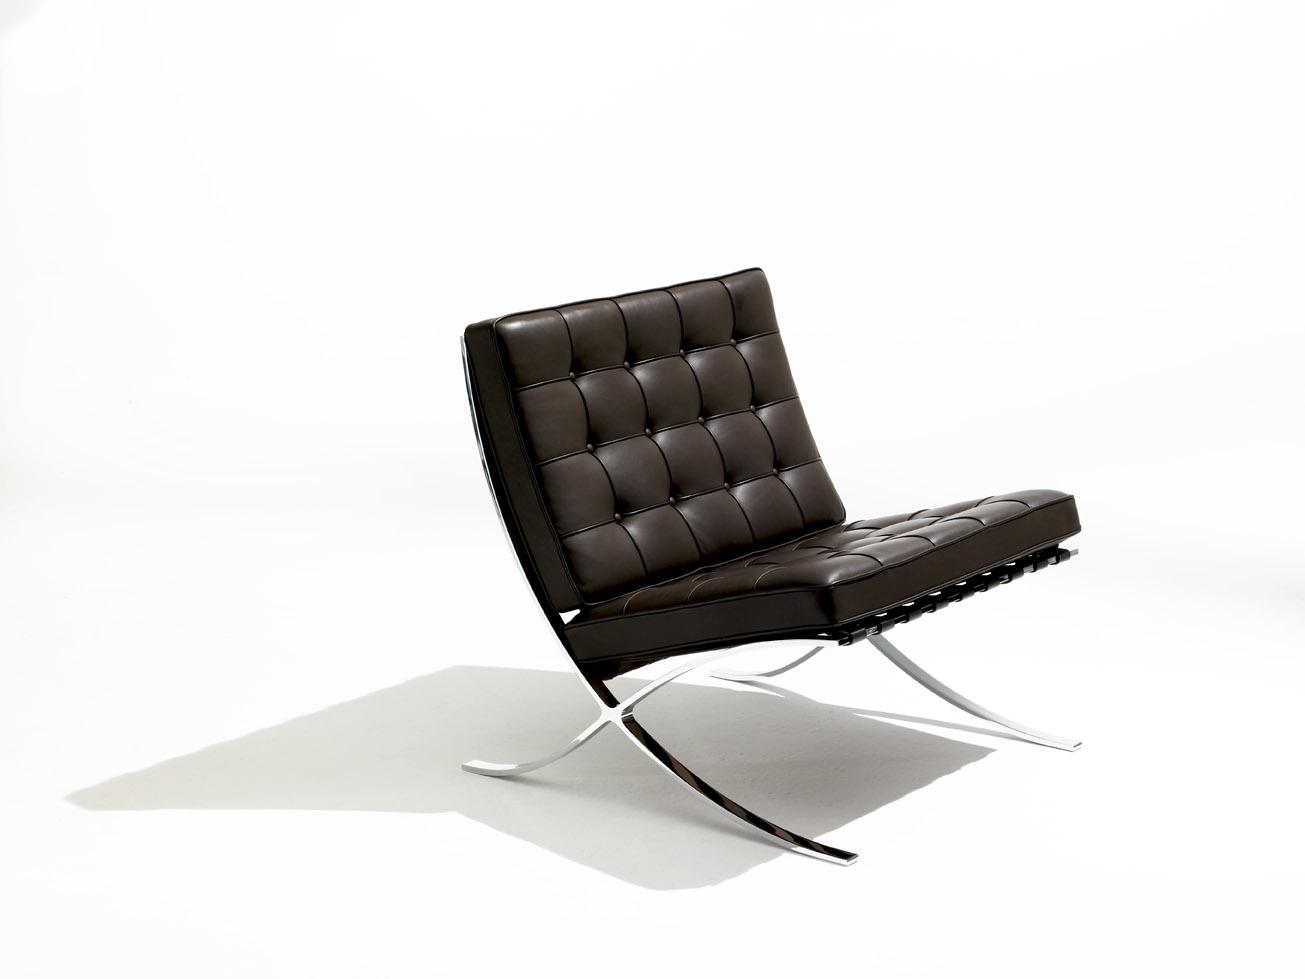 Stainless steel silla barcelona representante del for Sillas diseno barcelona